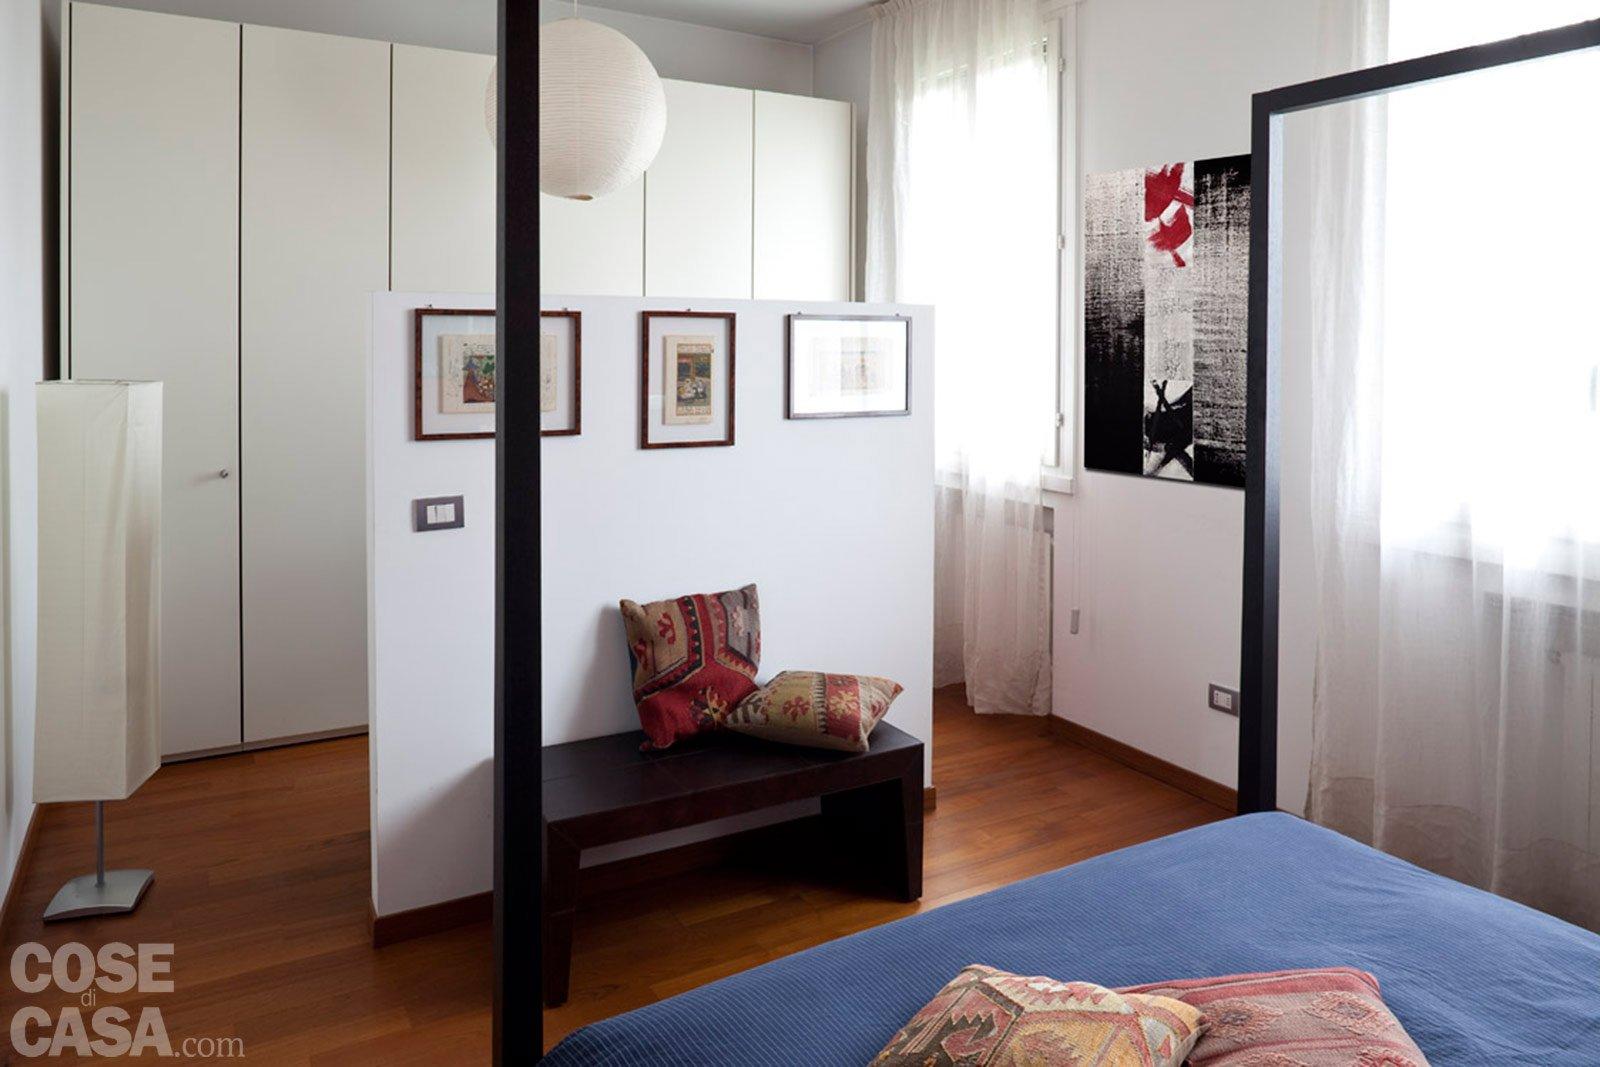 Una casa rinnovata nel look con luce moltiplicata cose for Piccoli piani di casa cabina